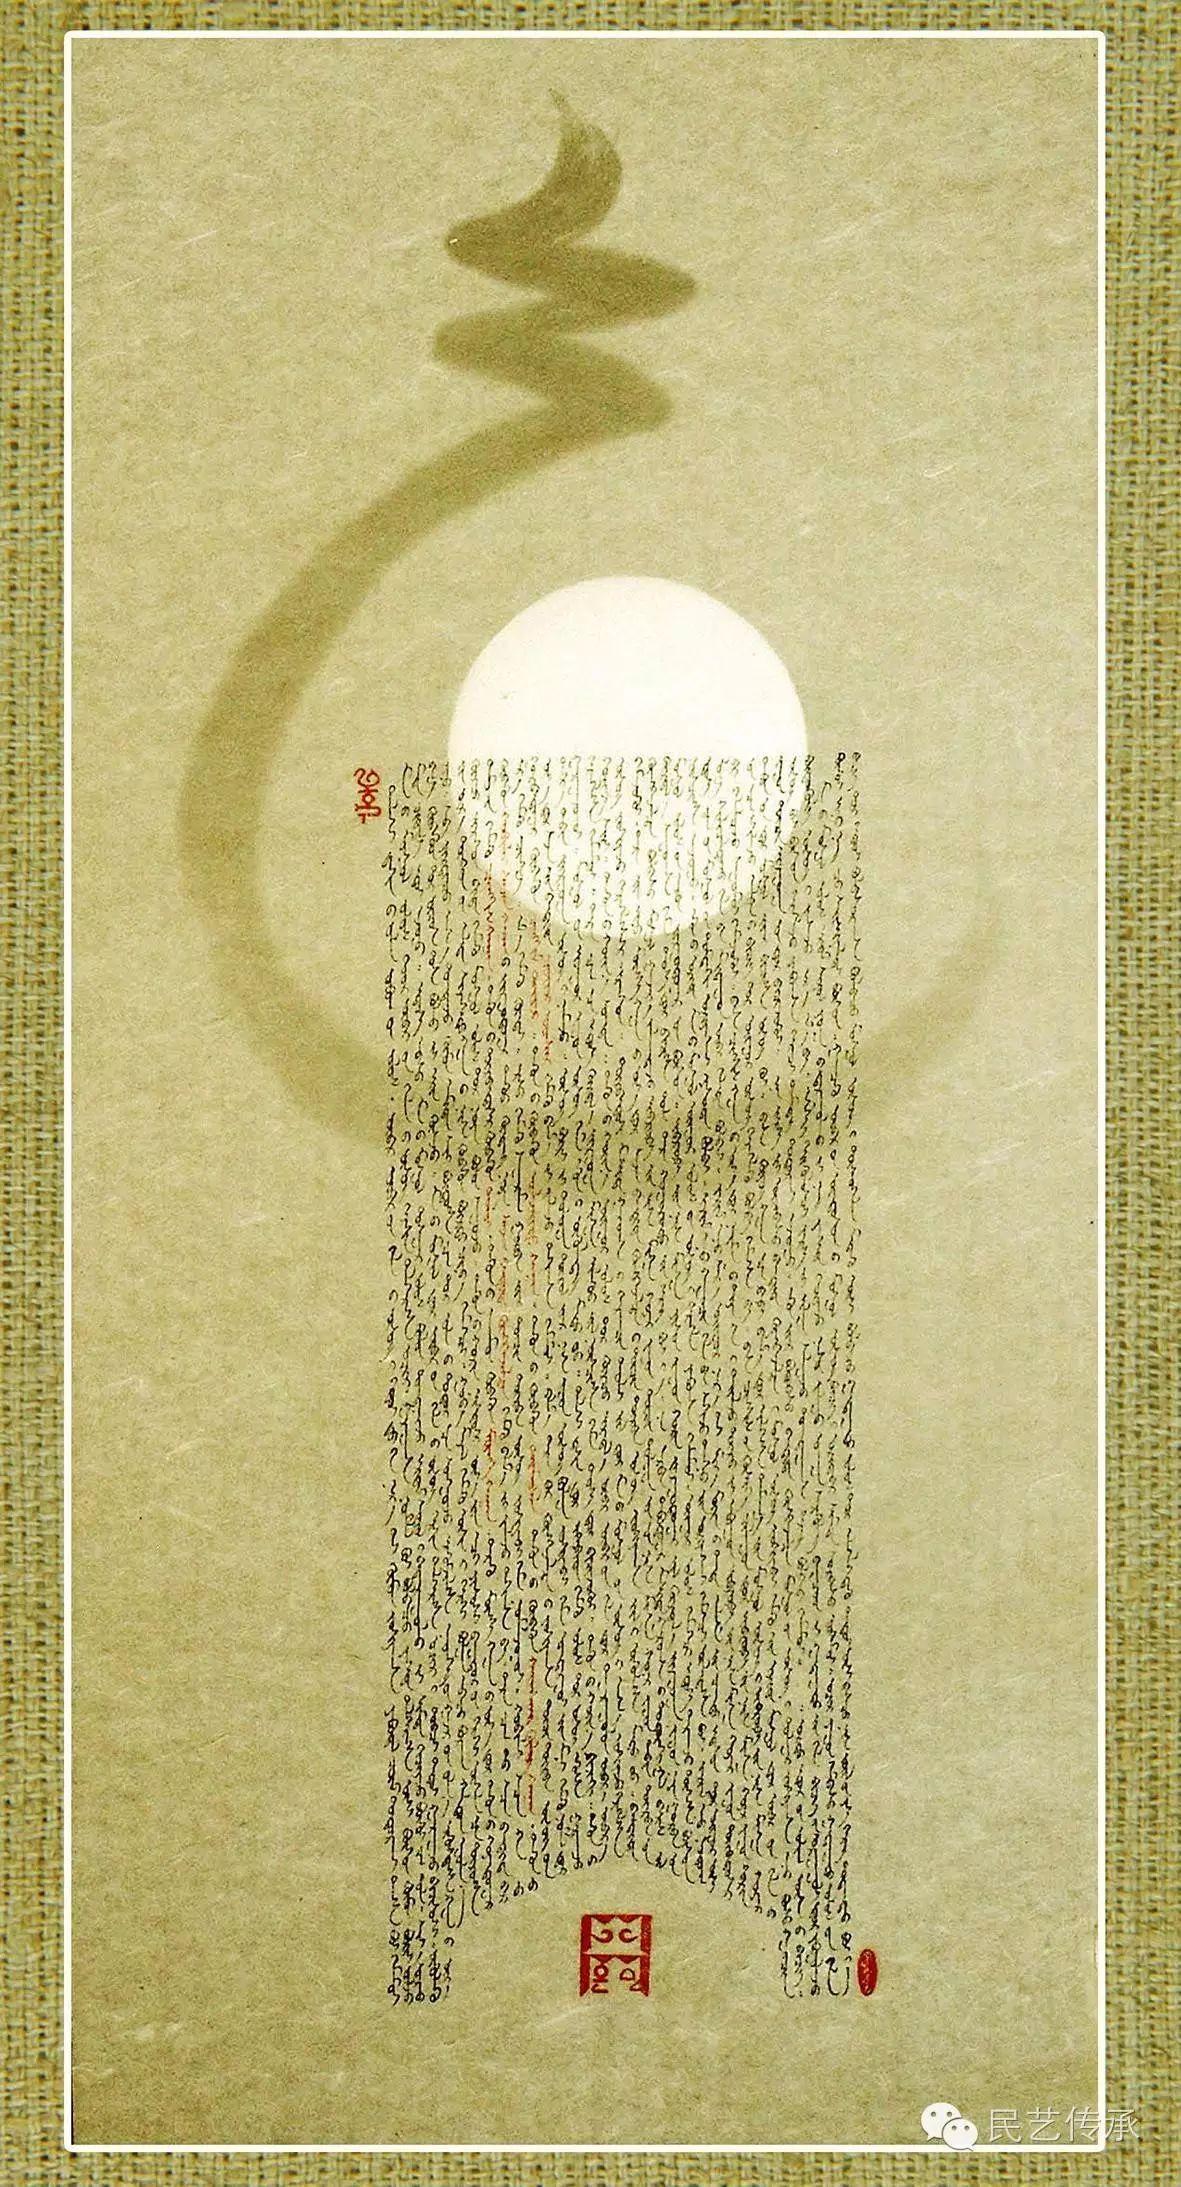 蒙古书法 第4张 蒙古书法 蒙古书法